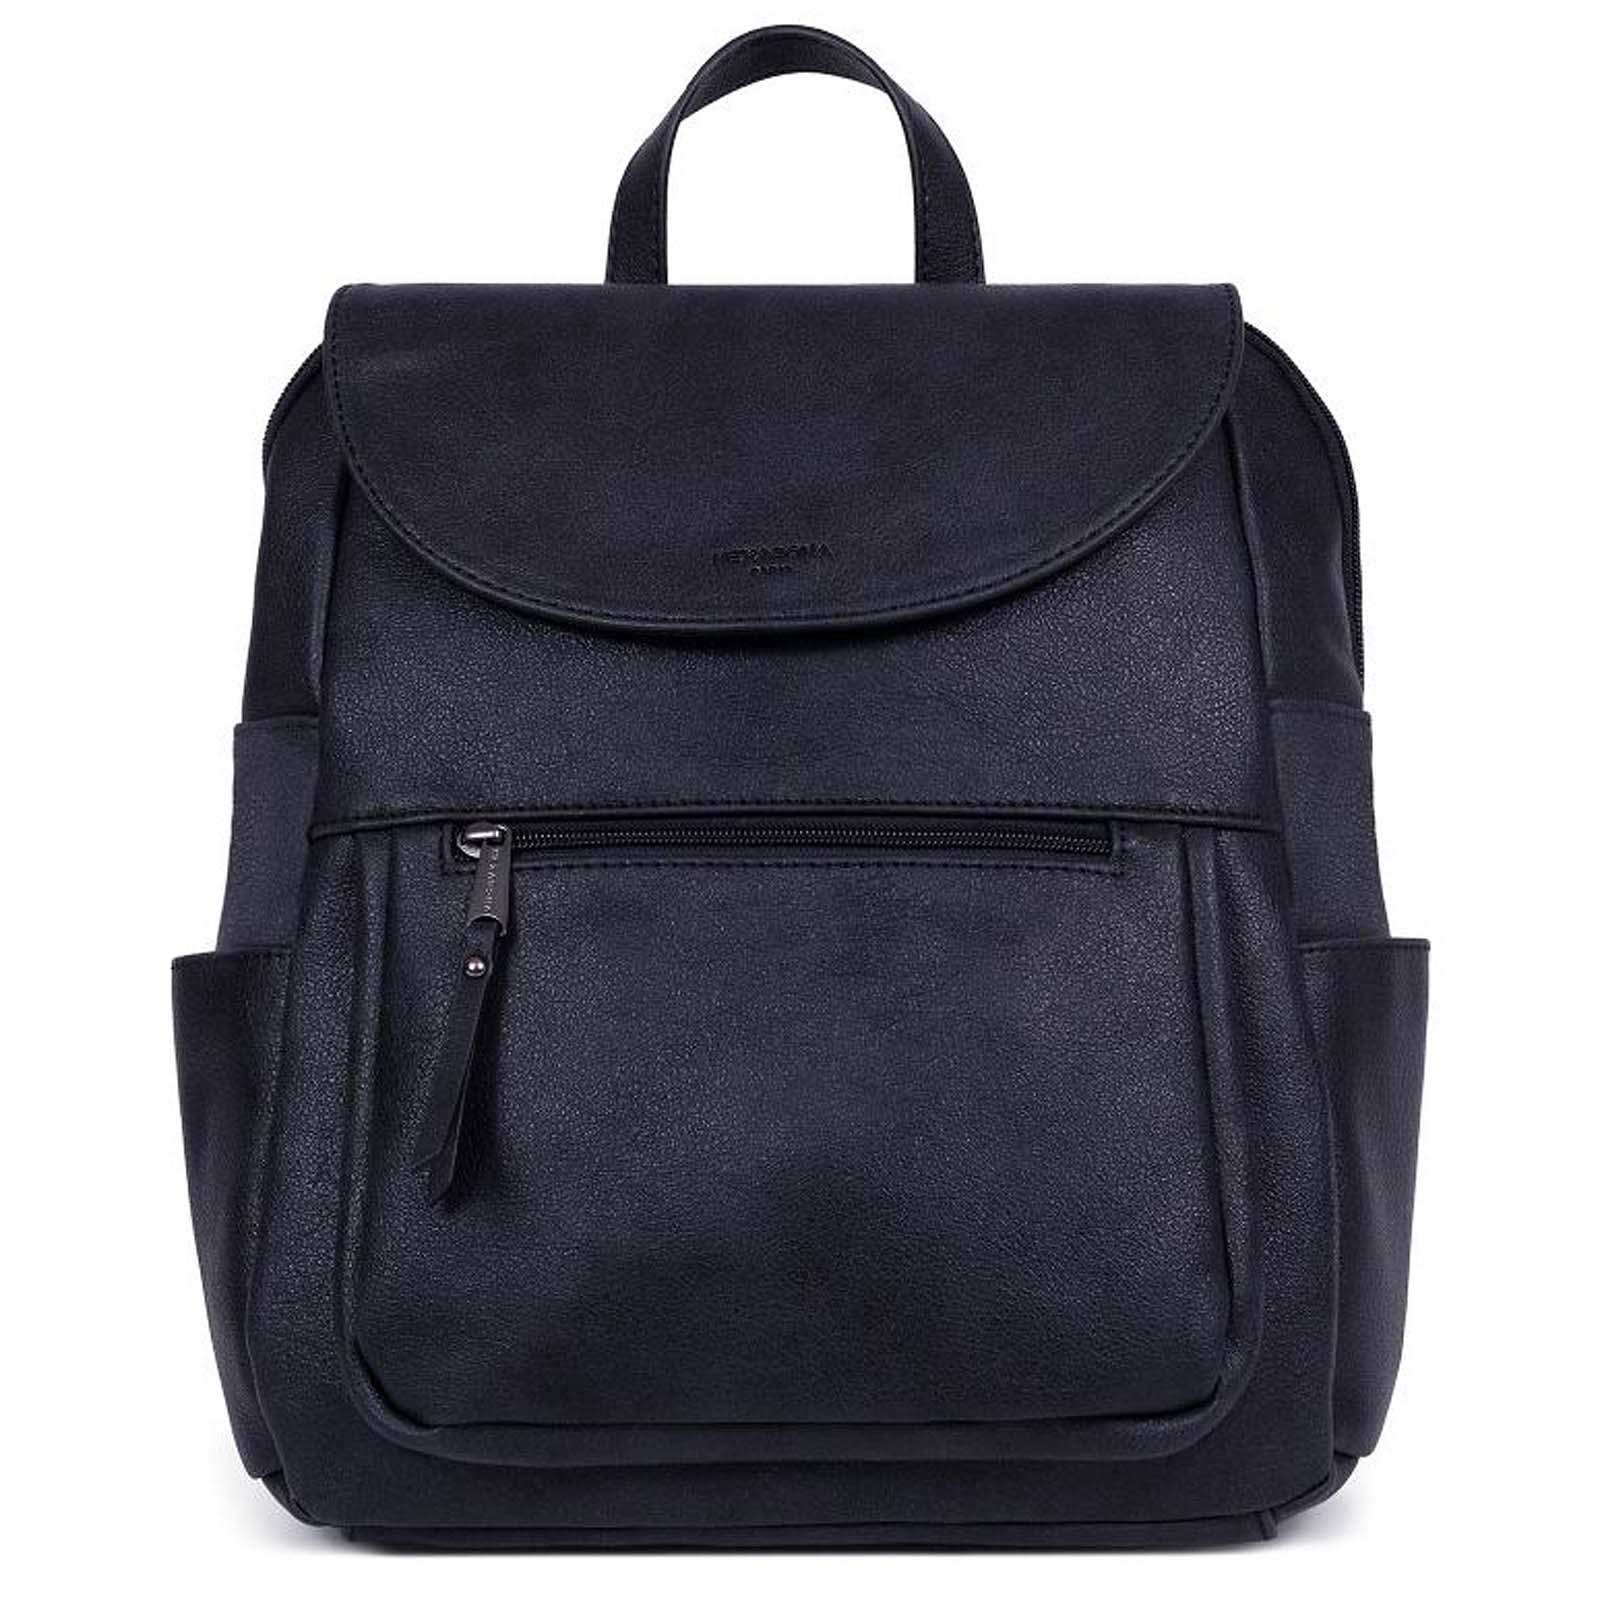 Dámský batoh černý - Hexagona Dahoman černá